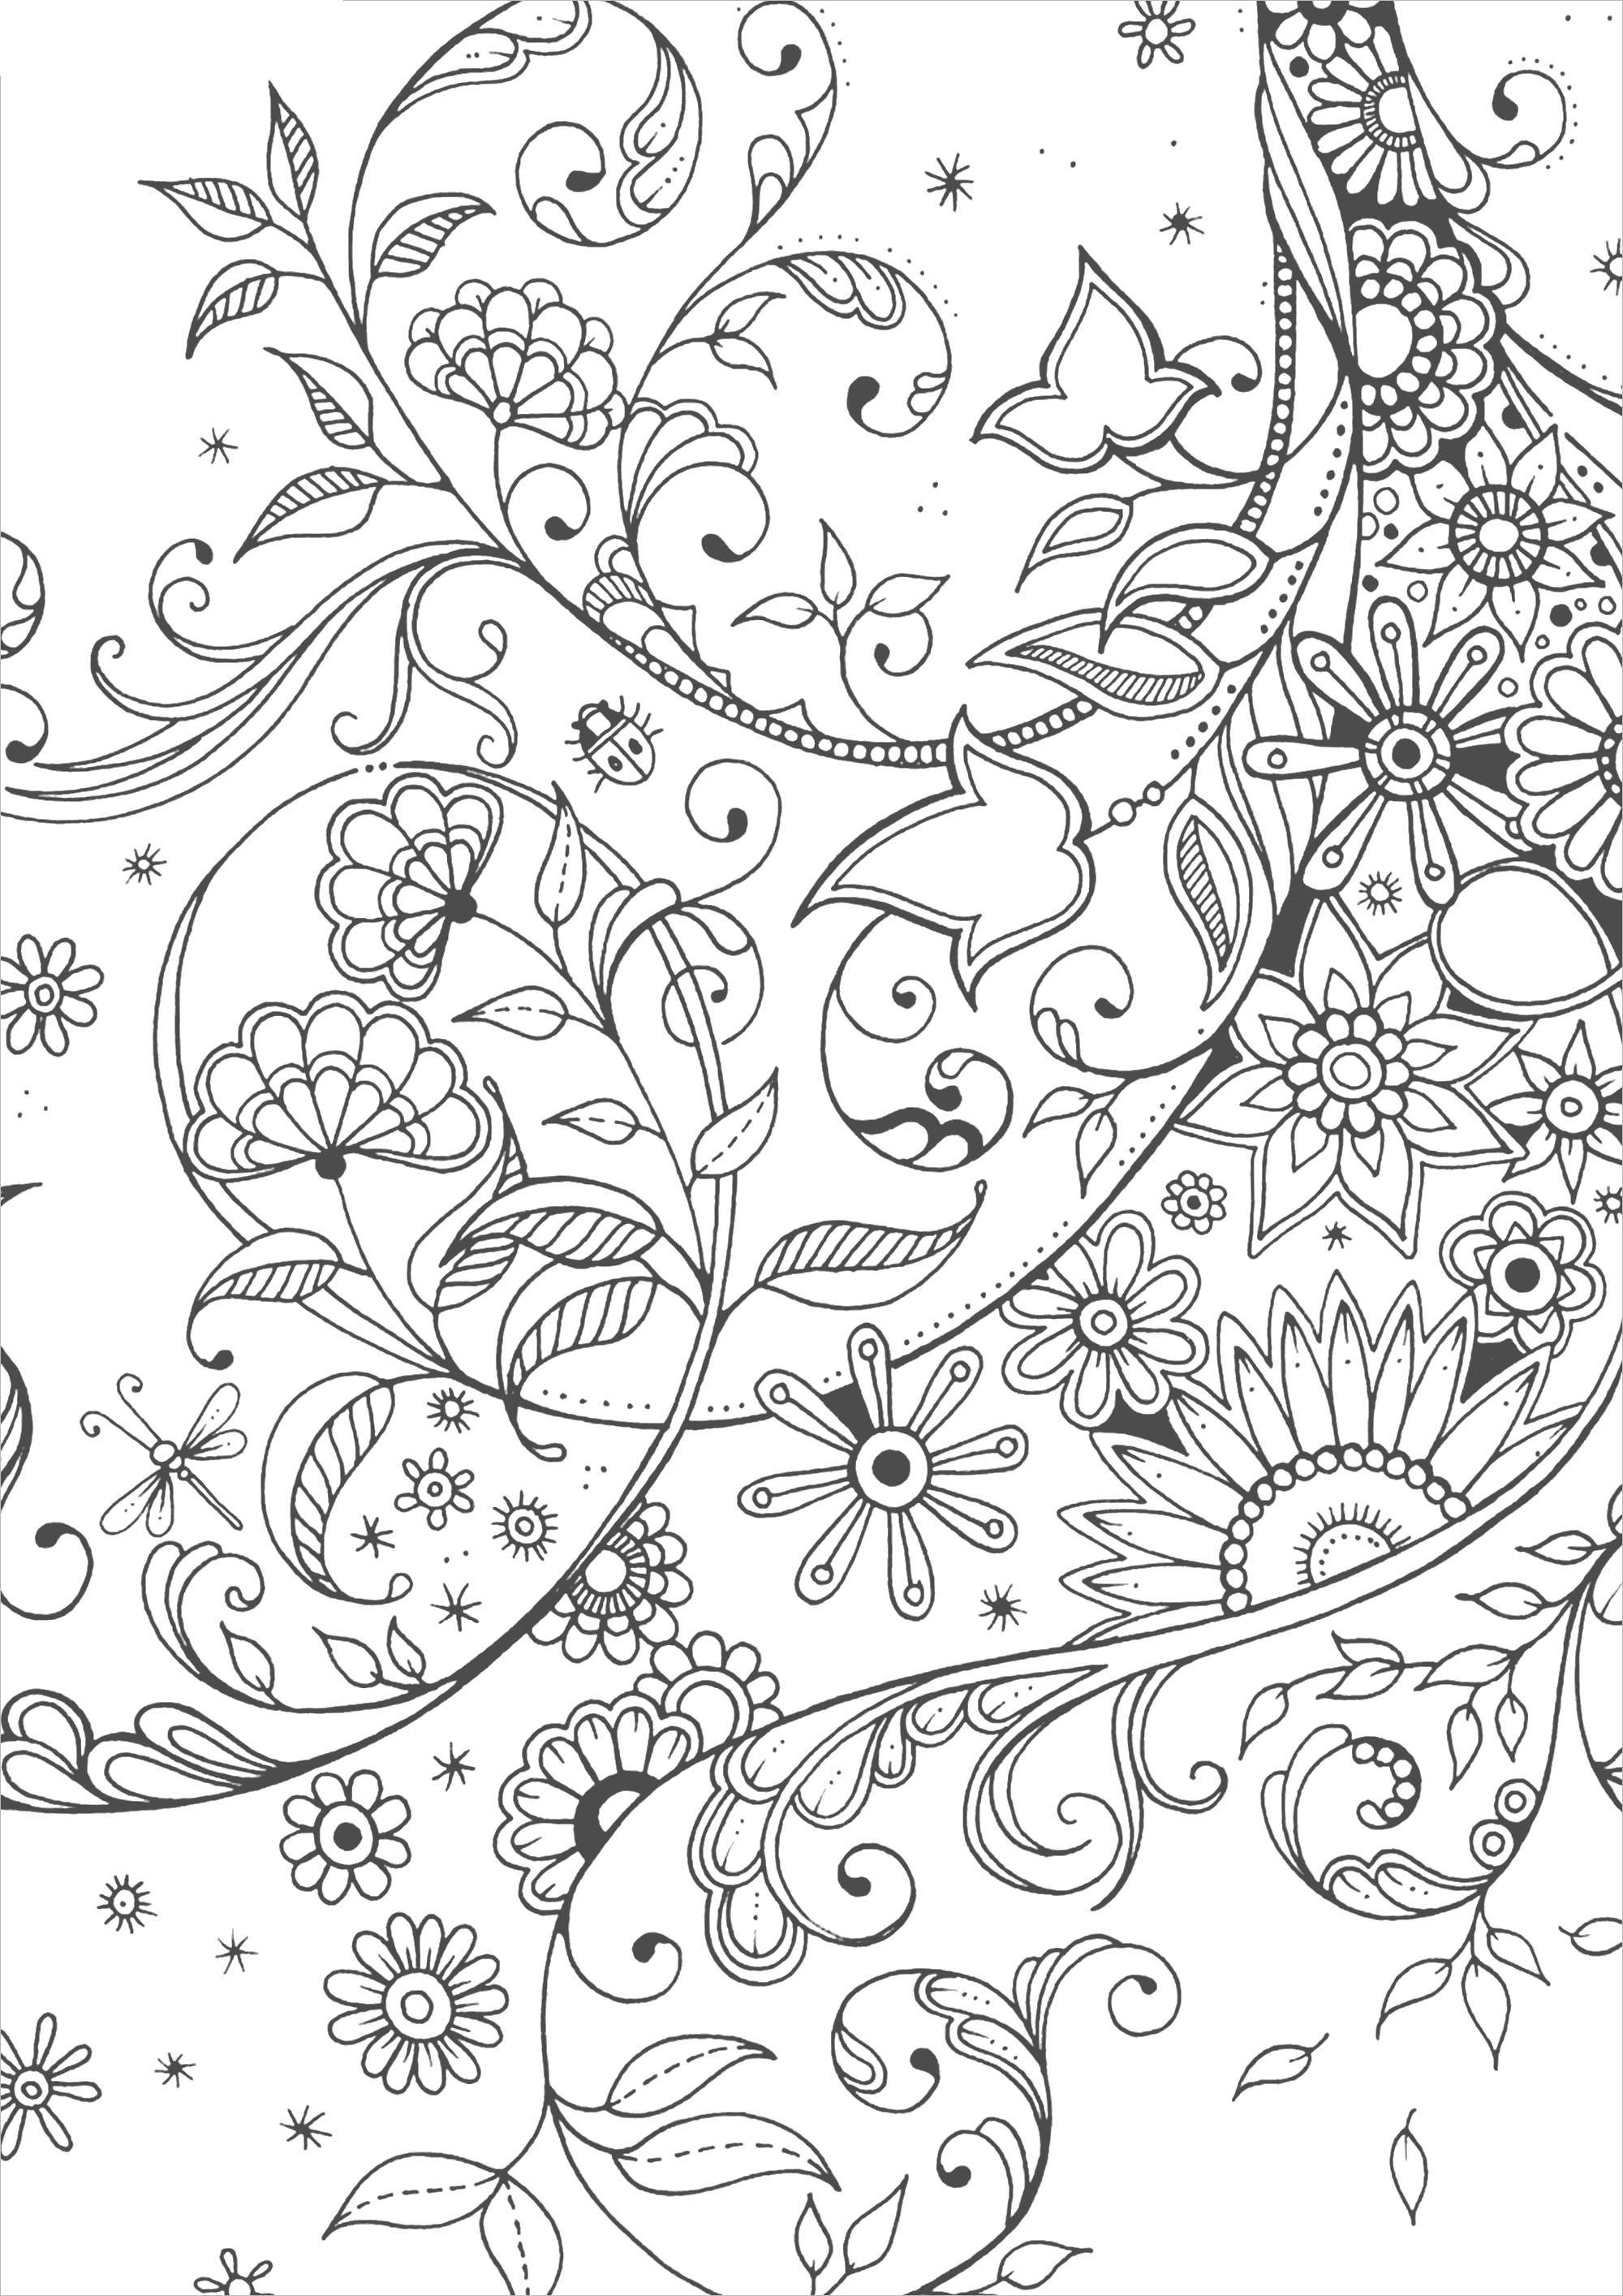 Цветы и листья | Раскраски, Рисунки для раскрашивания ...